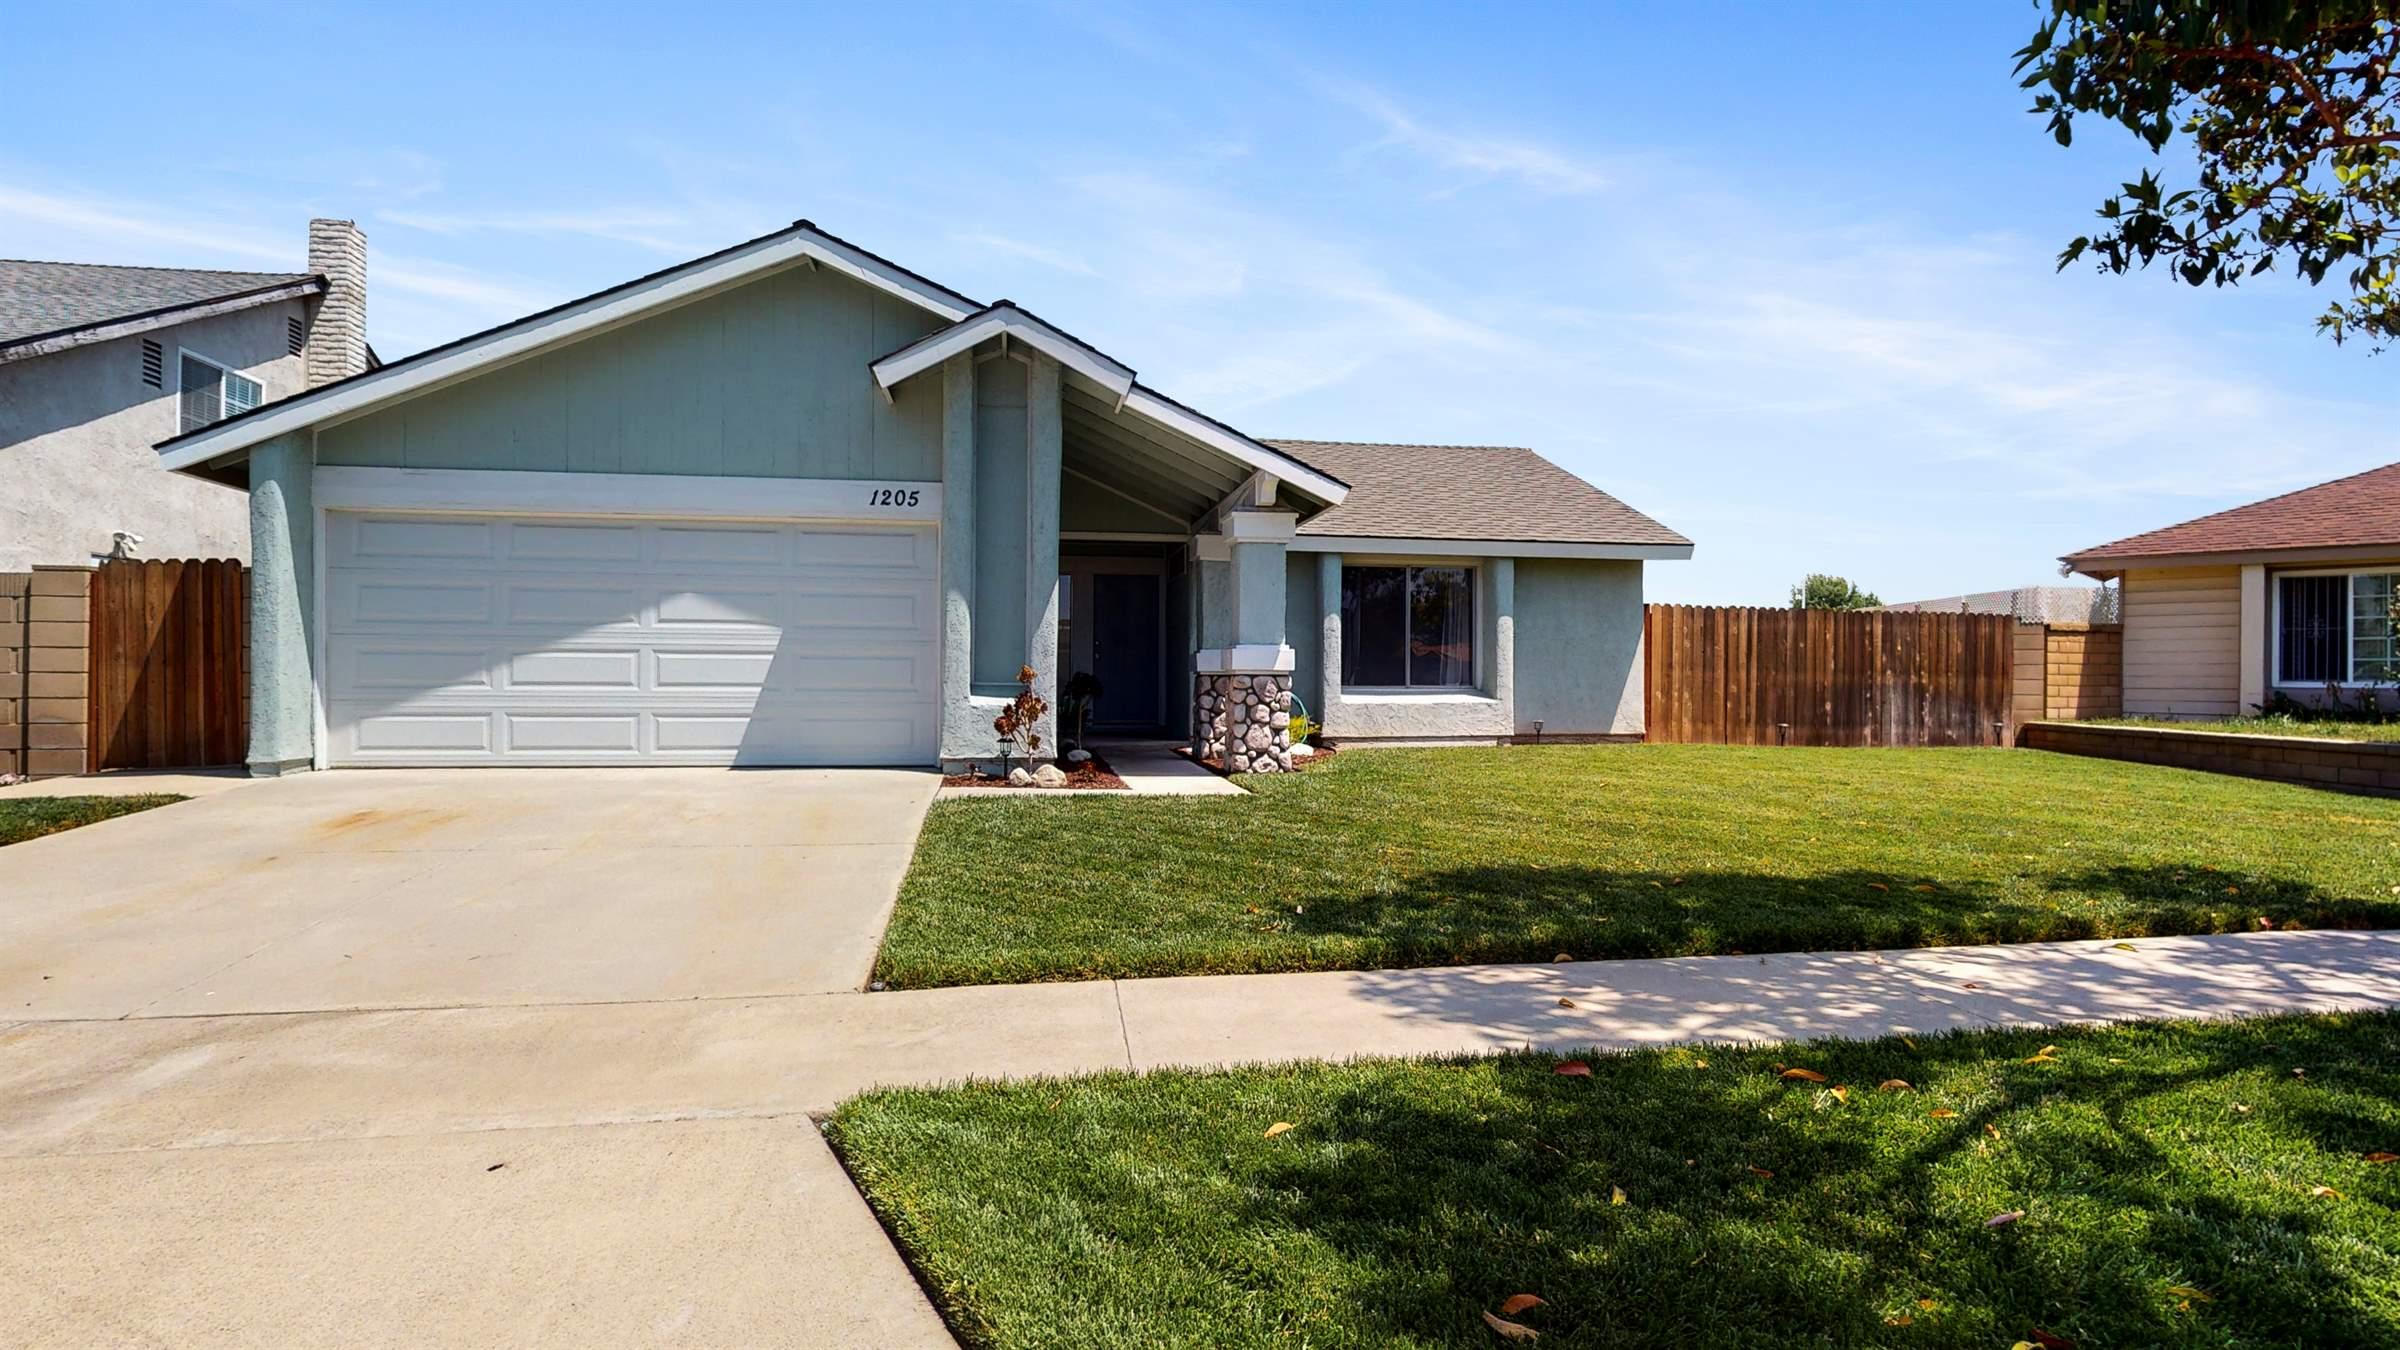 1205 North Glenarbor Street, Santa Ana, CA 92706